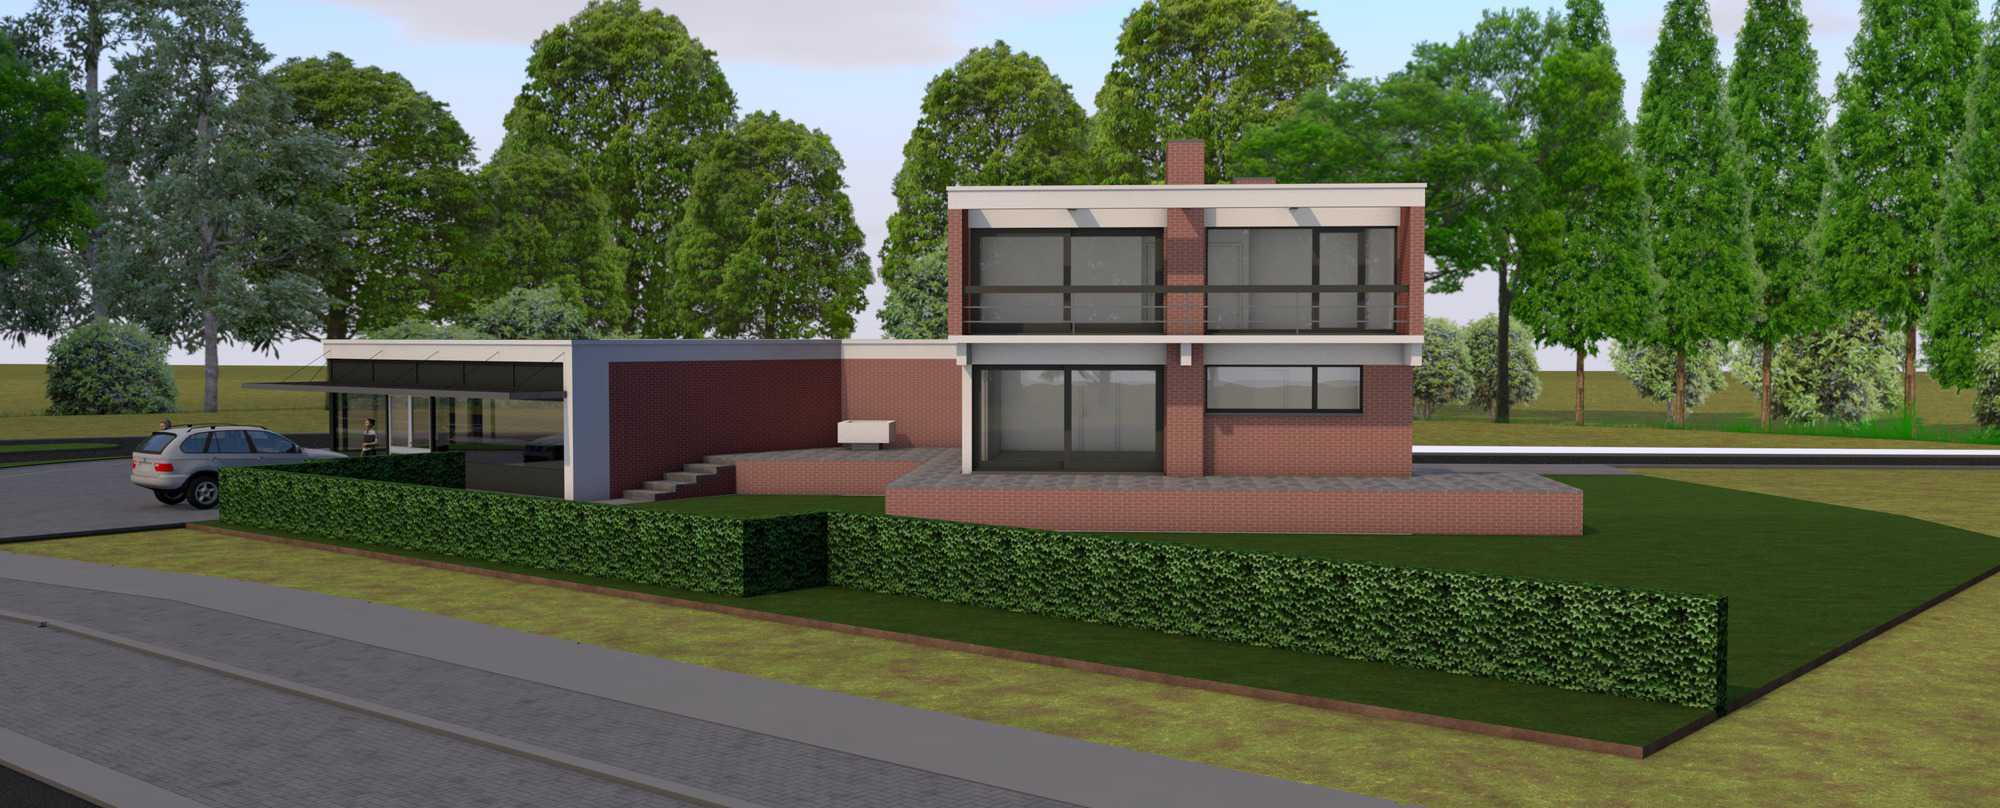 Detail afbeelding 5 van Verbouwing Modernistische Villa | Ontwerp door architect Patrick Strackx